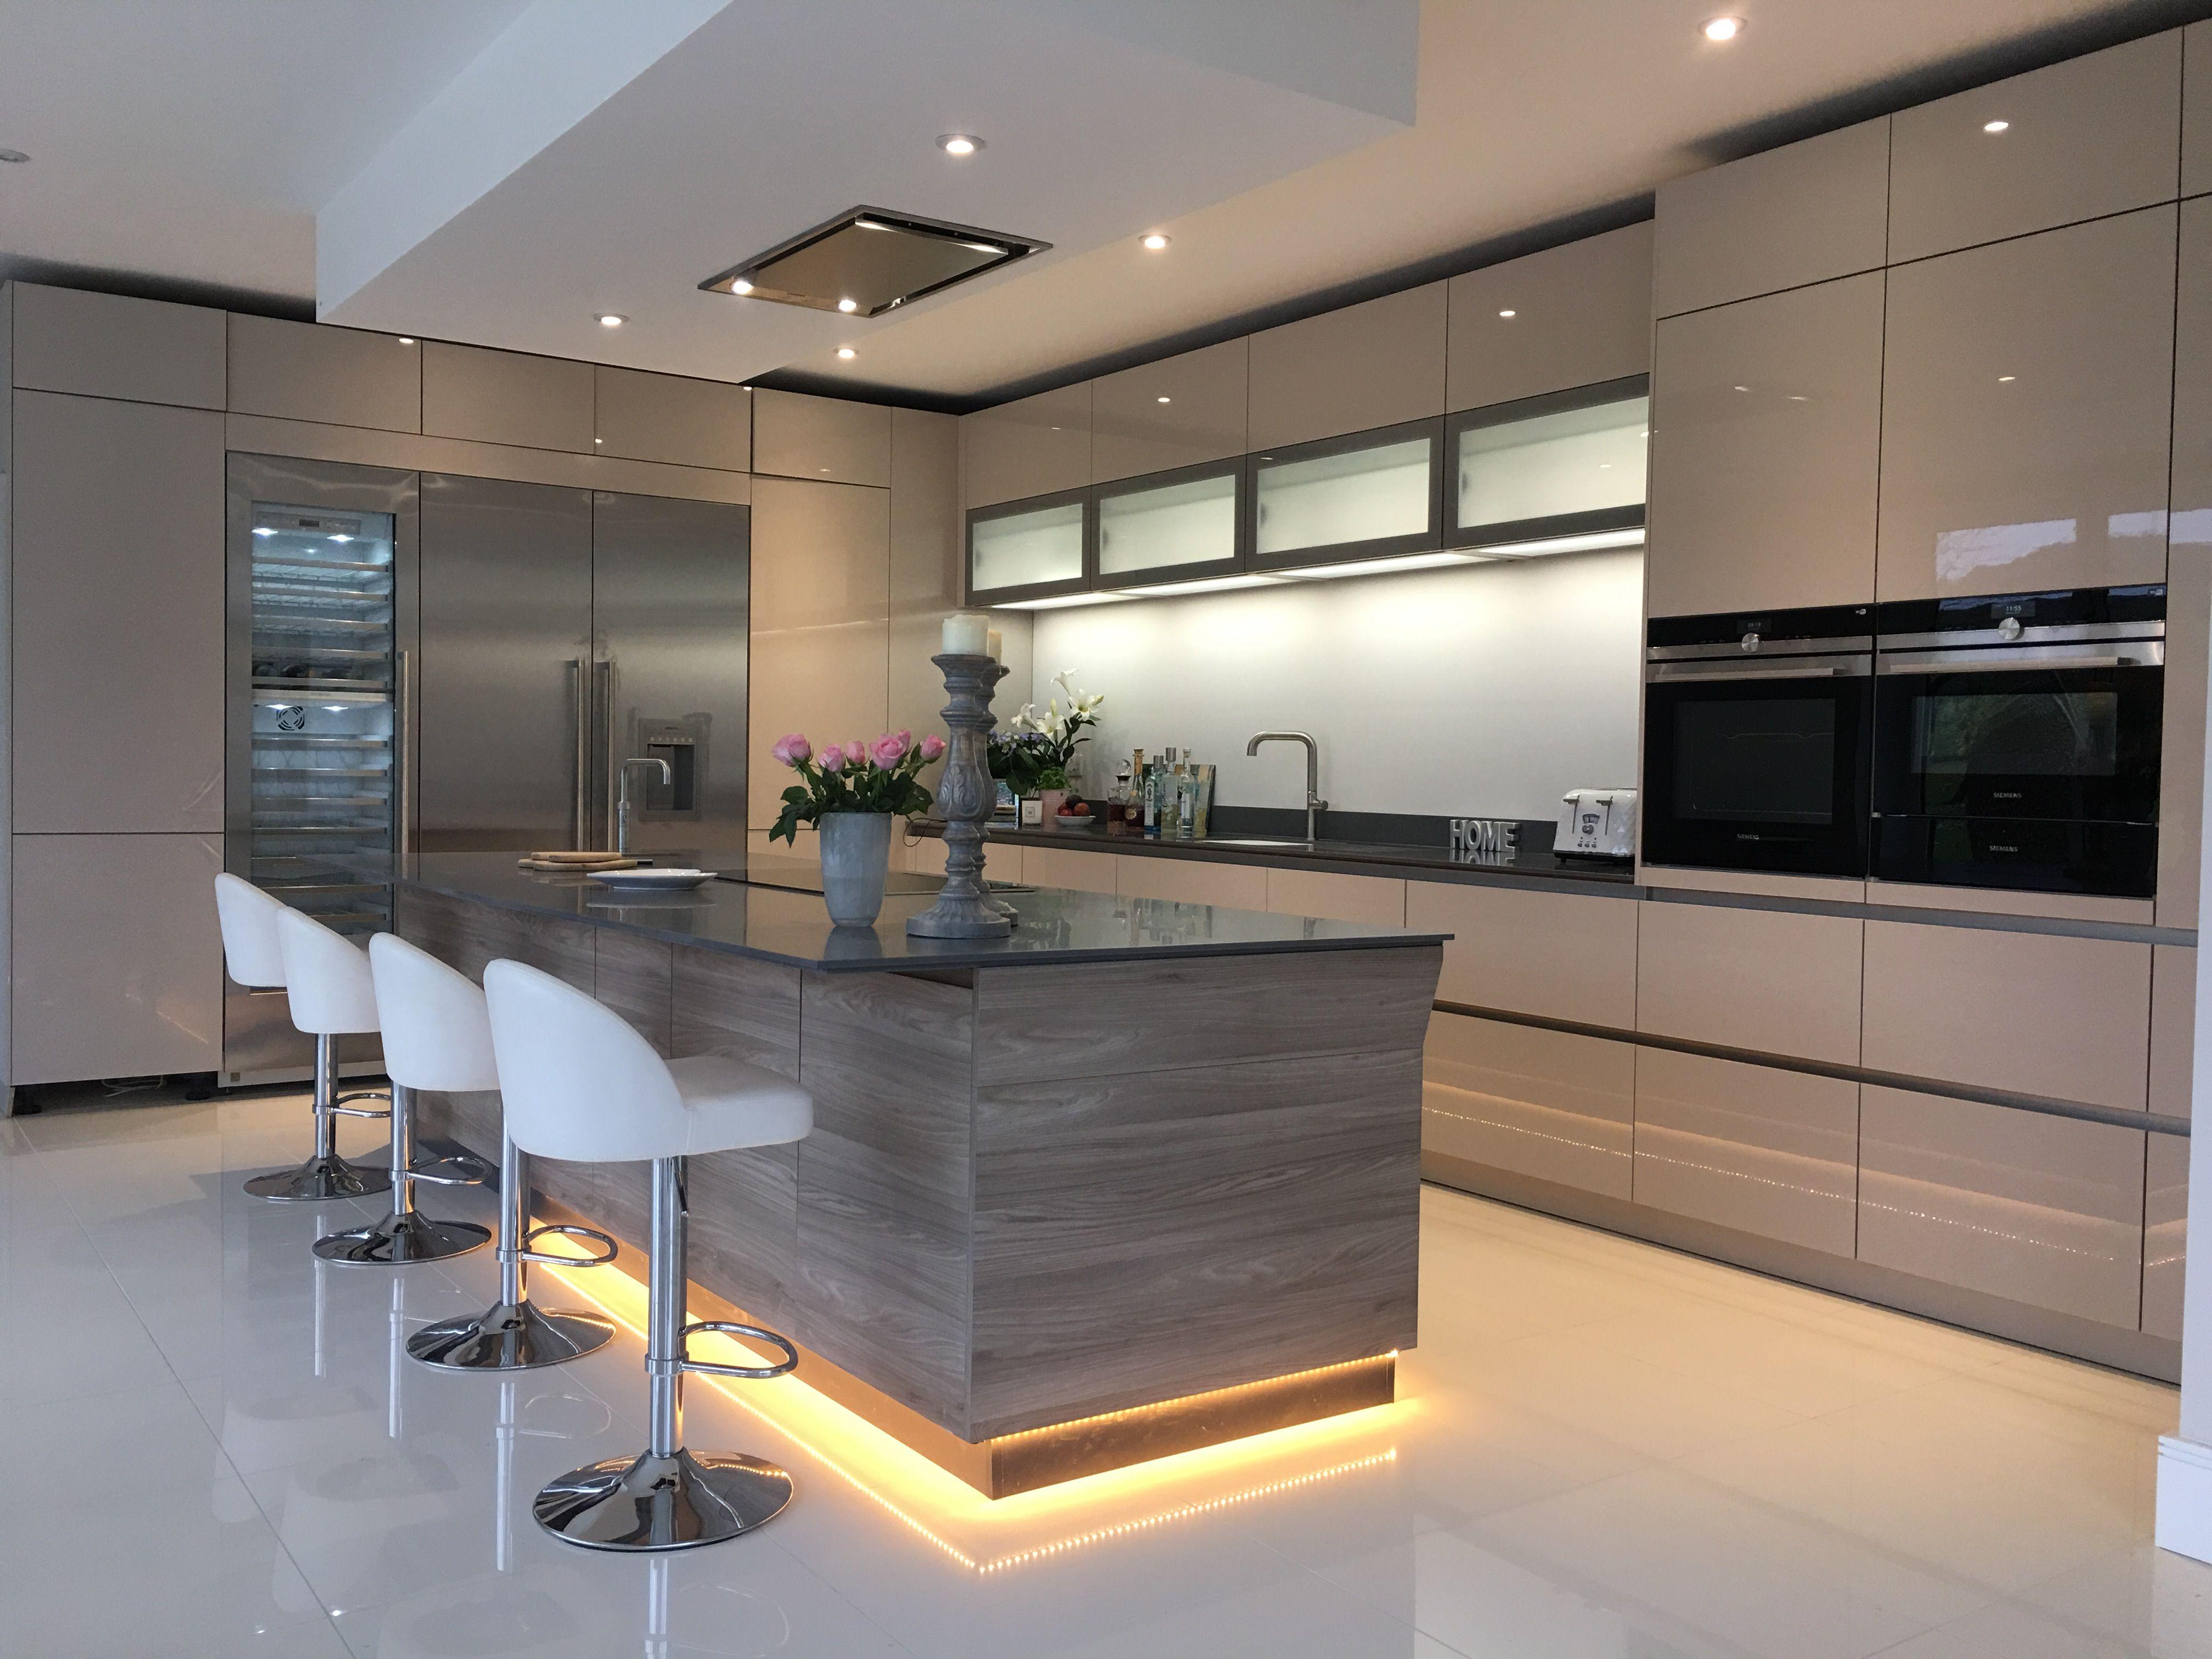 Pin De Nadia Em Kitchens Cozinhas Modernas Design De Cozinha Design De Cozinha Moderna